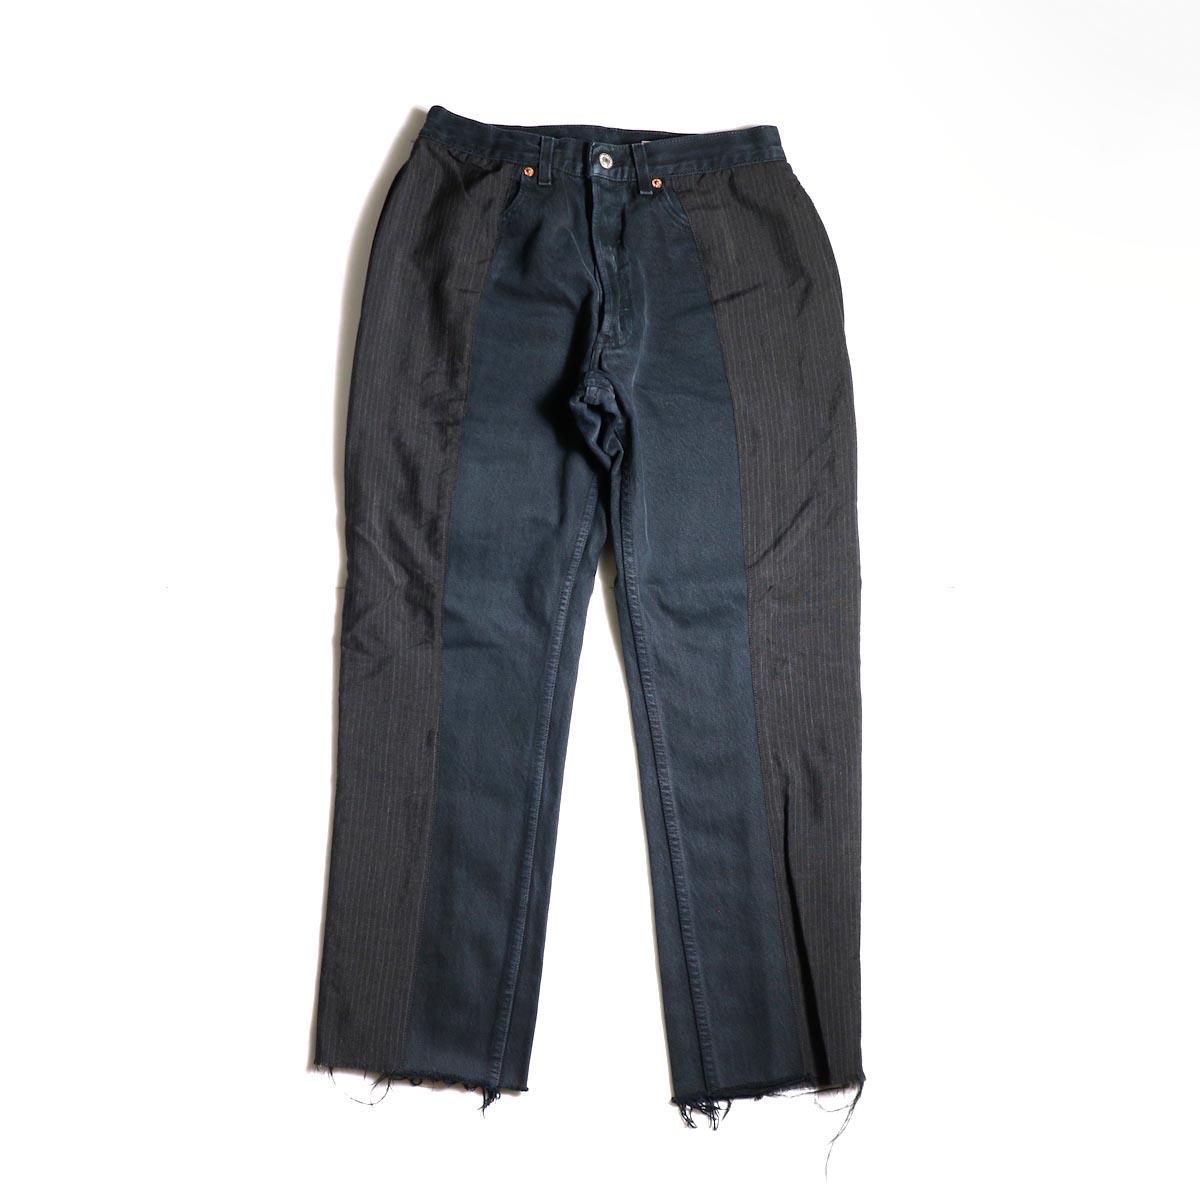 OLD PARK / Docking Jeans Black (Ssize-B)